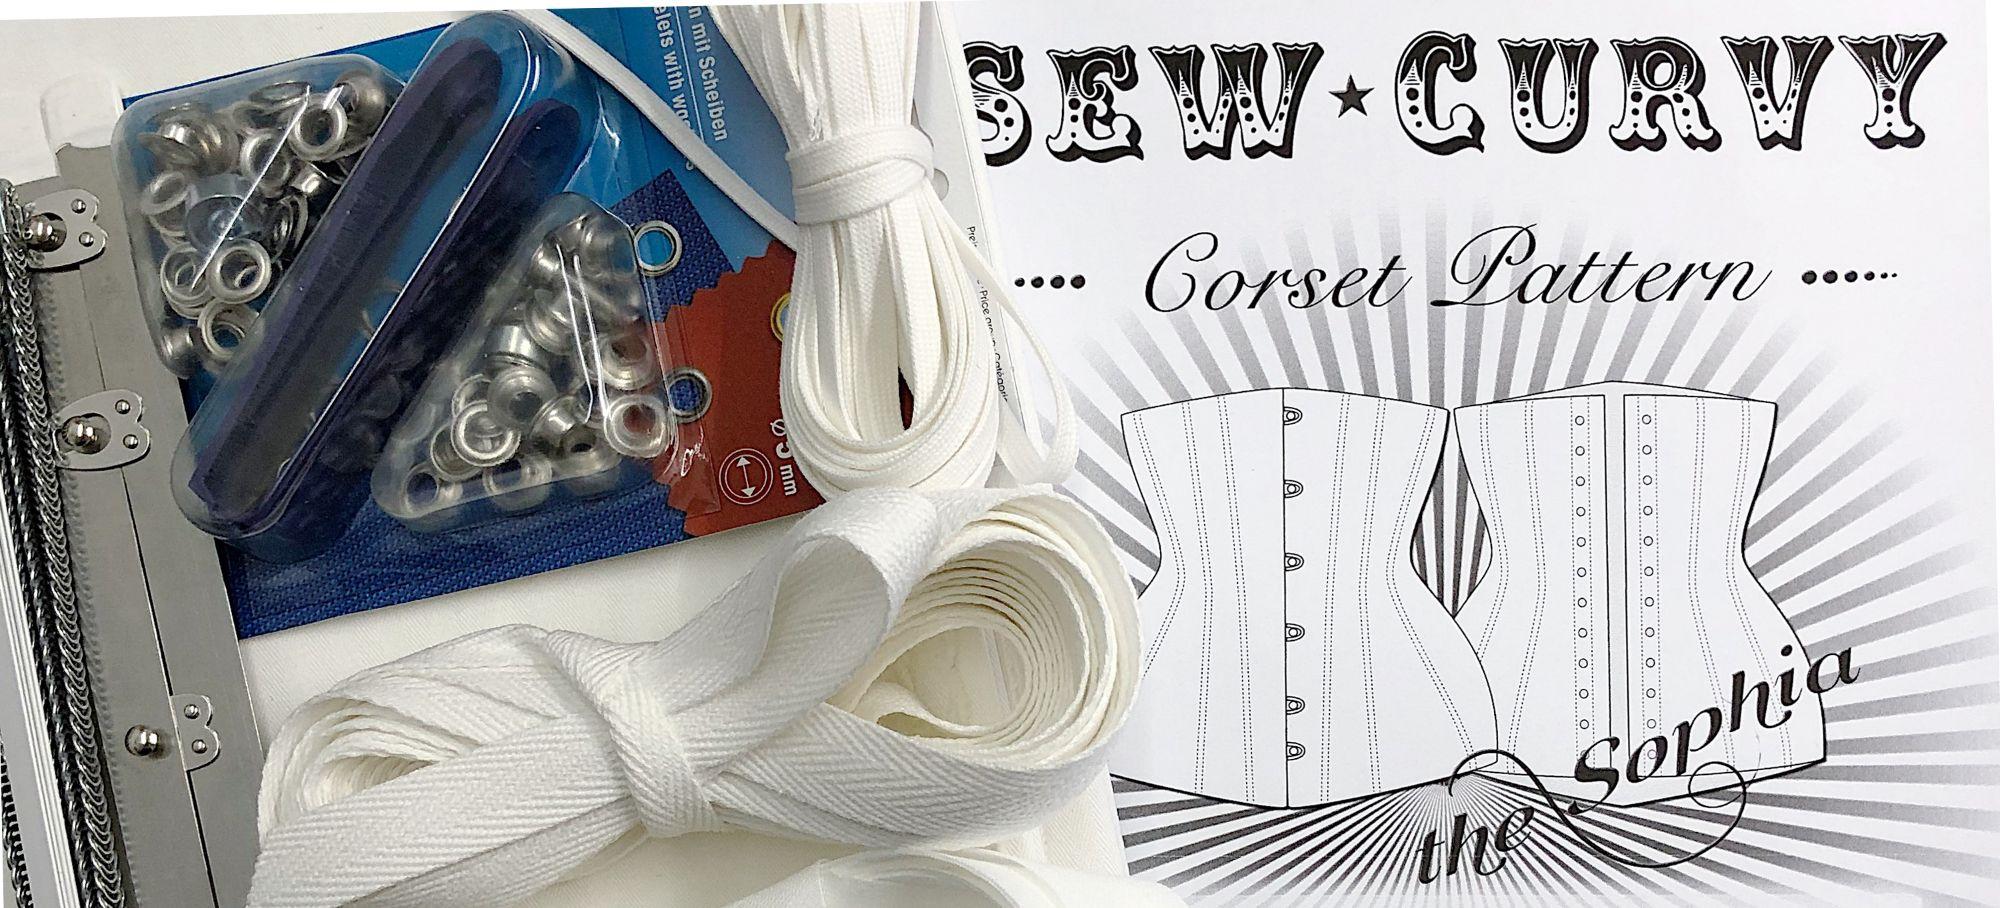 corset kits